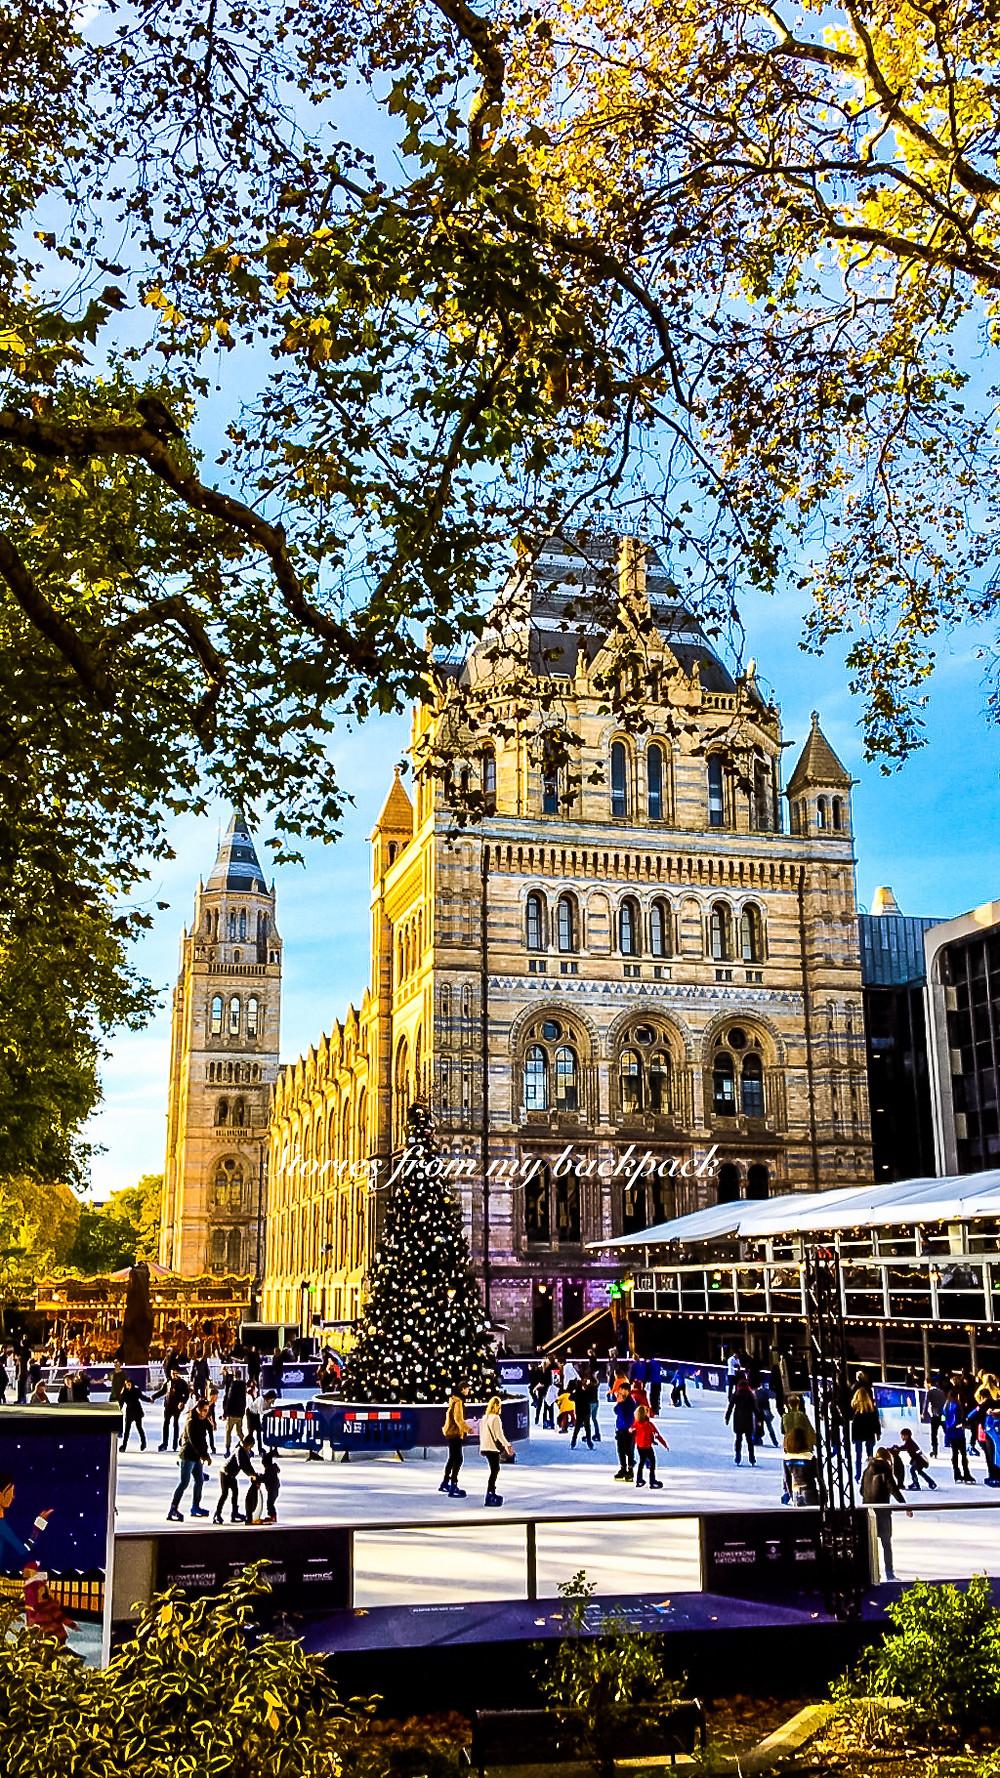 Kensington, Best neighbourhoods in London, Pretty neighbourhoods in London, Beautiful streets in London